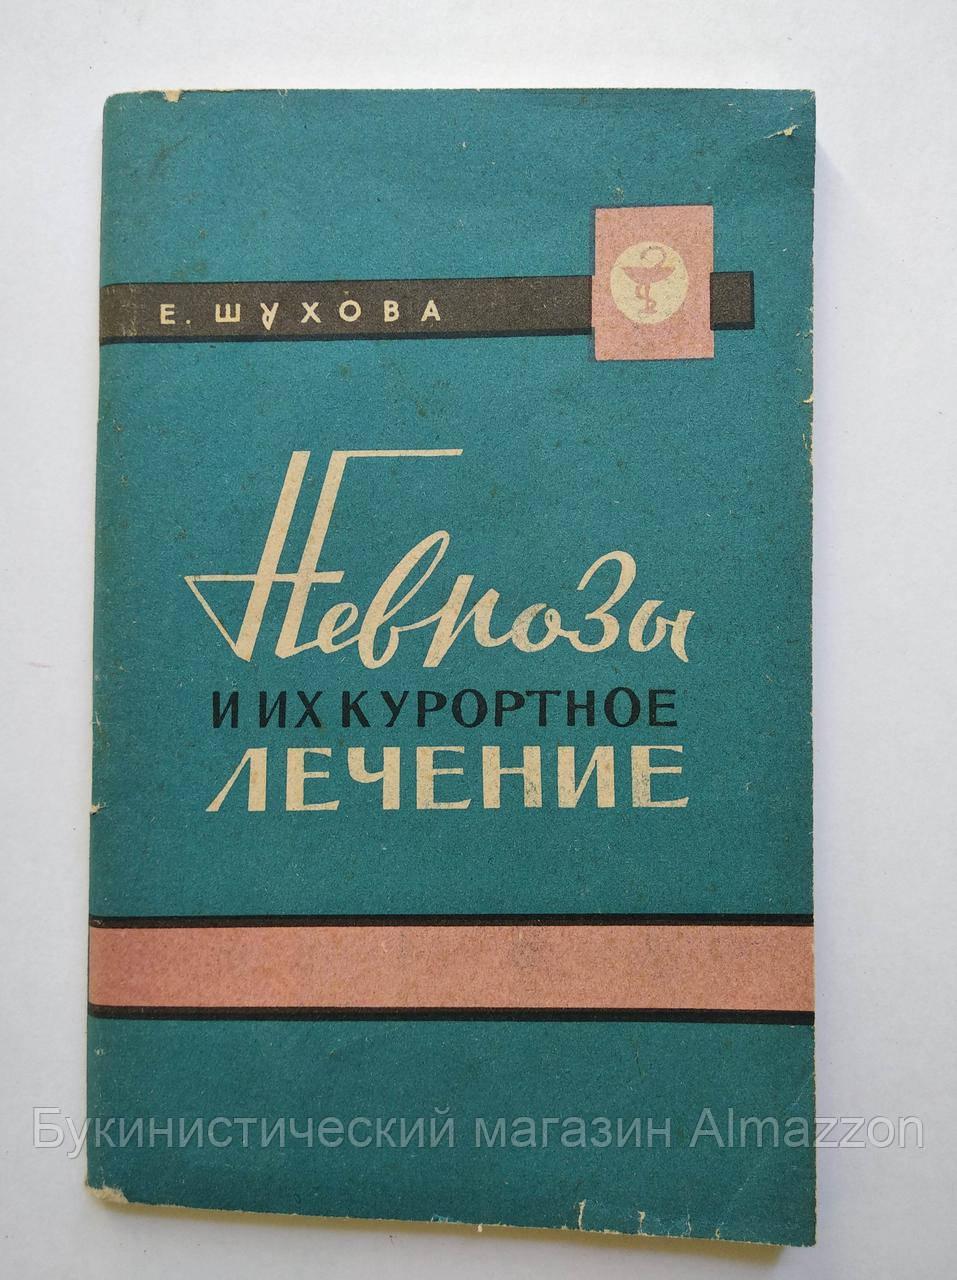 Е.Шухова Неврозы и их курортное лечение. 1974 год